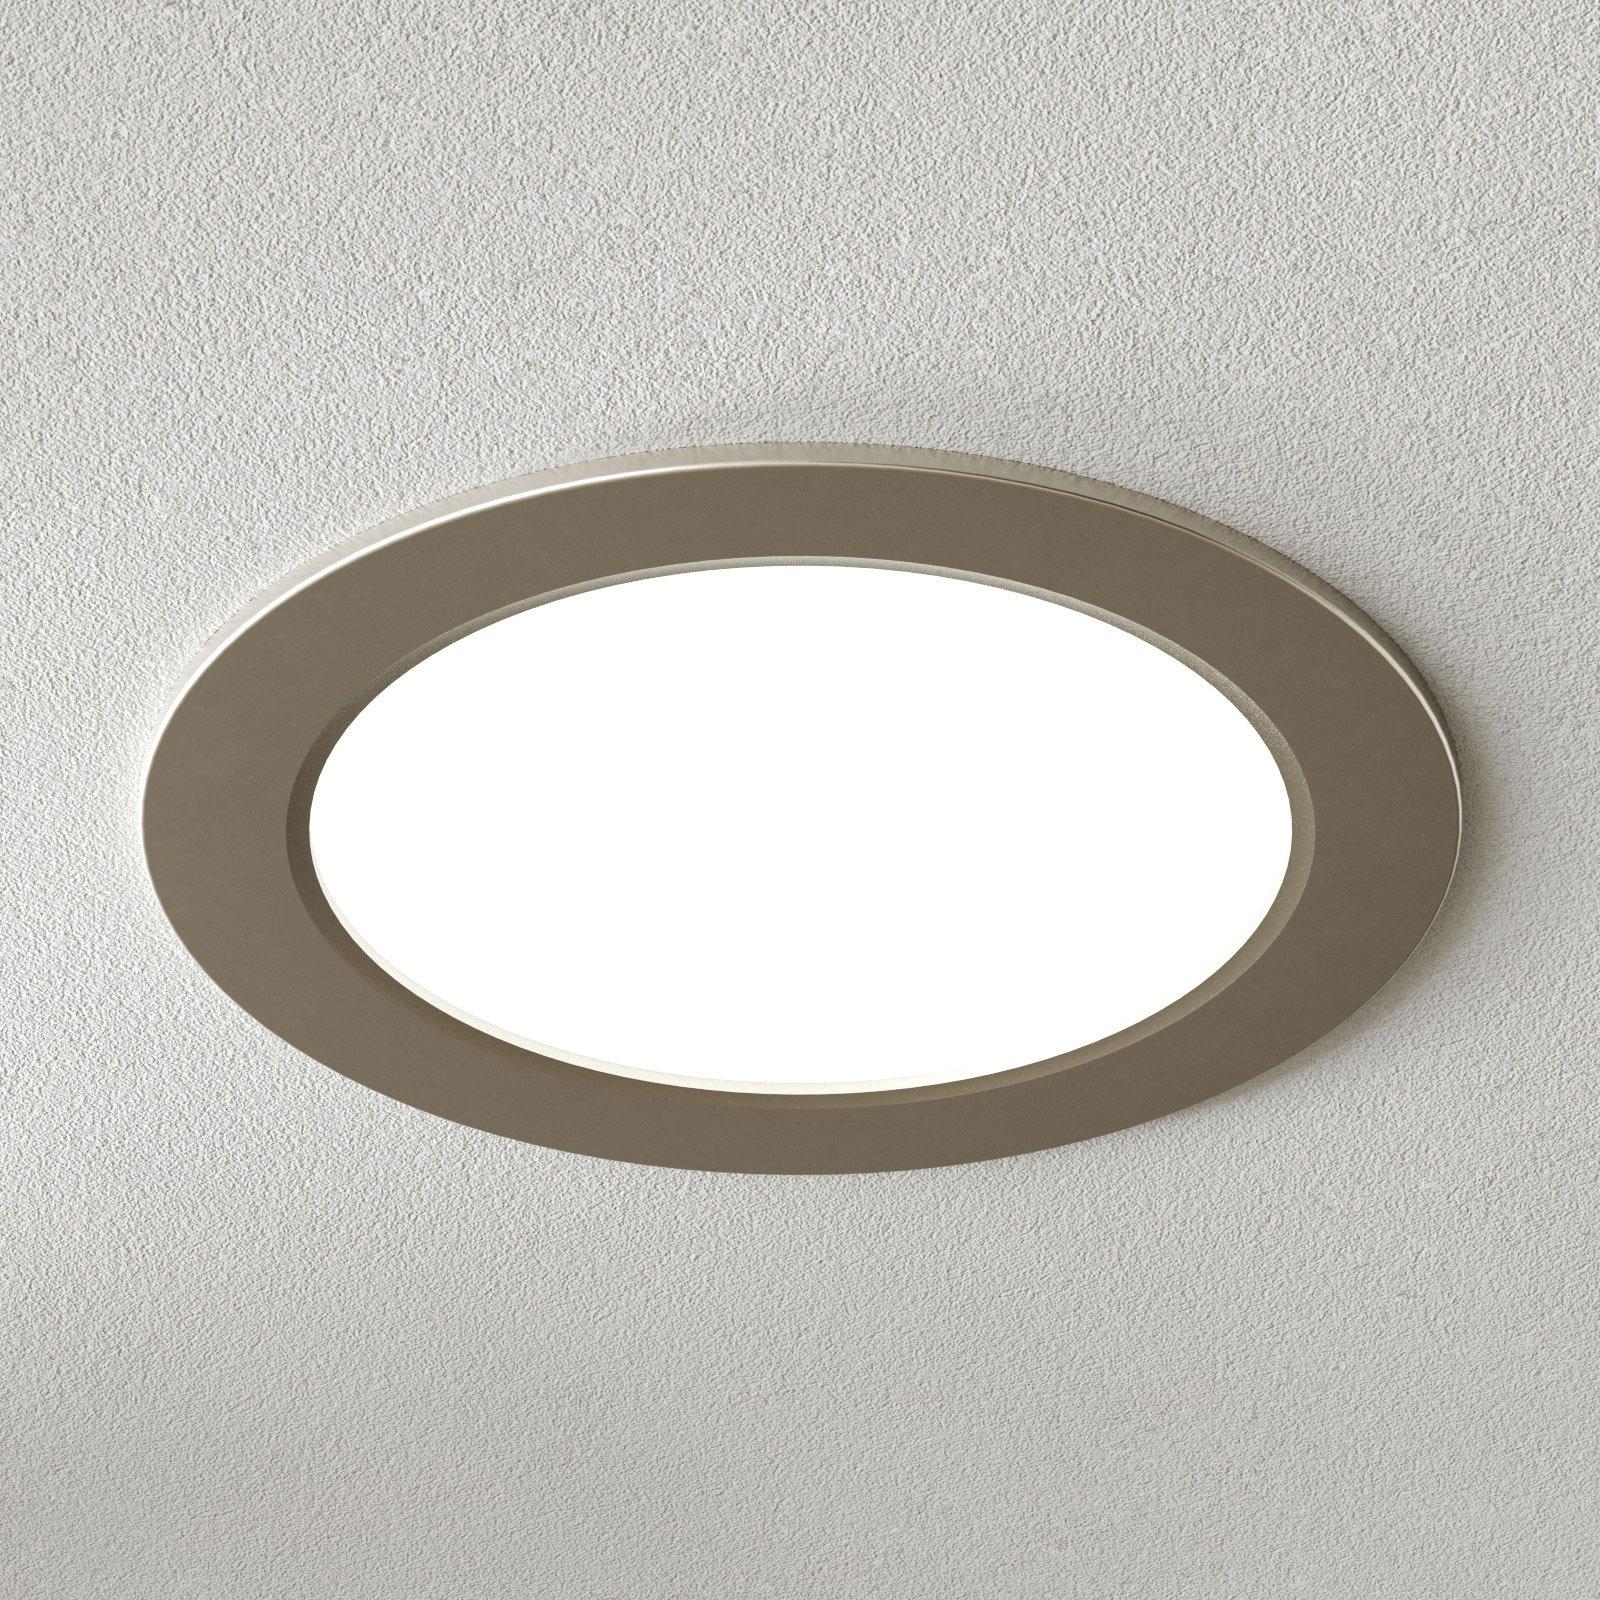 Moderne LED innfelt taklampe Pindos, nikkel